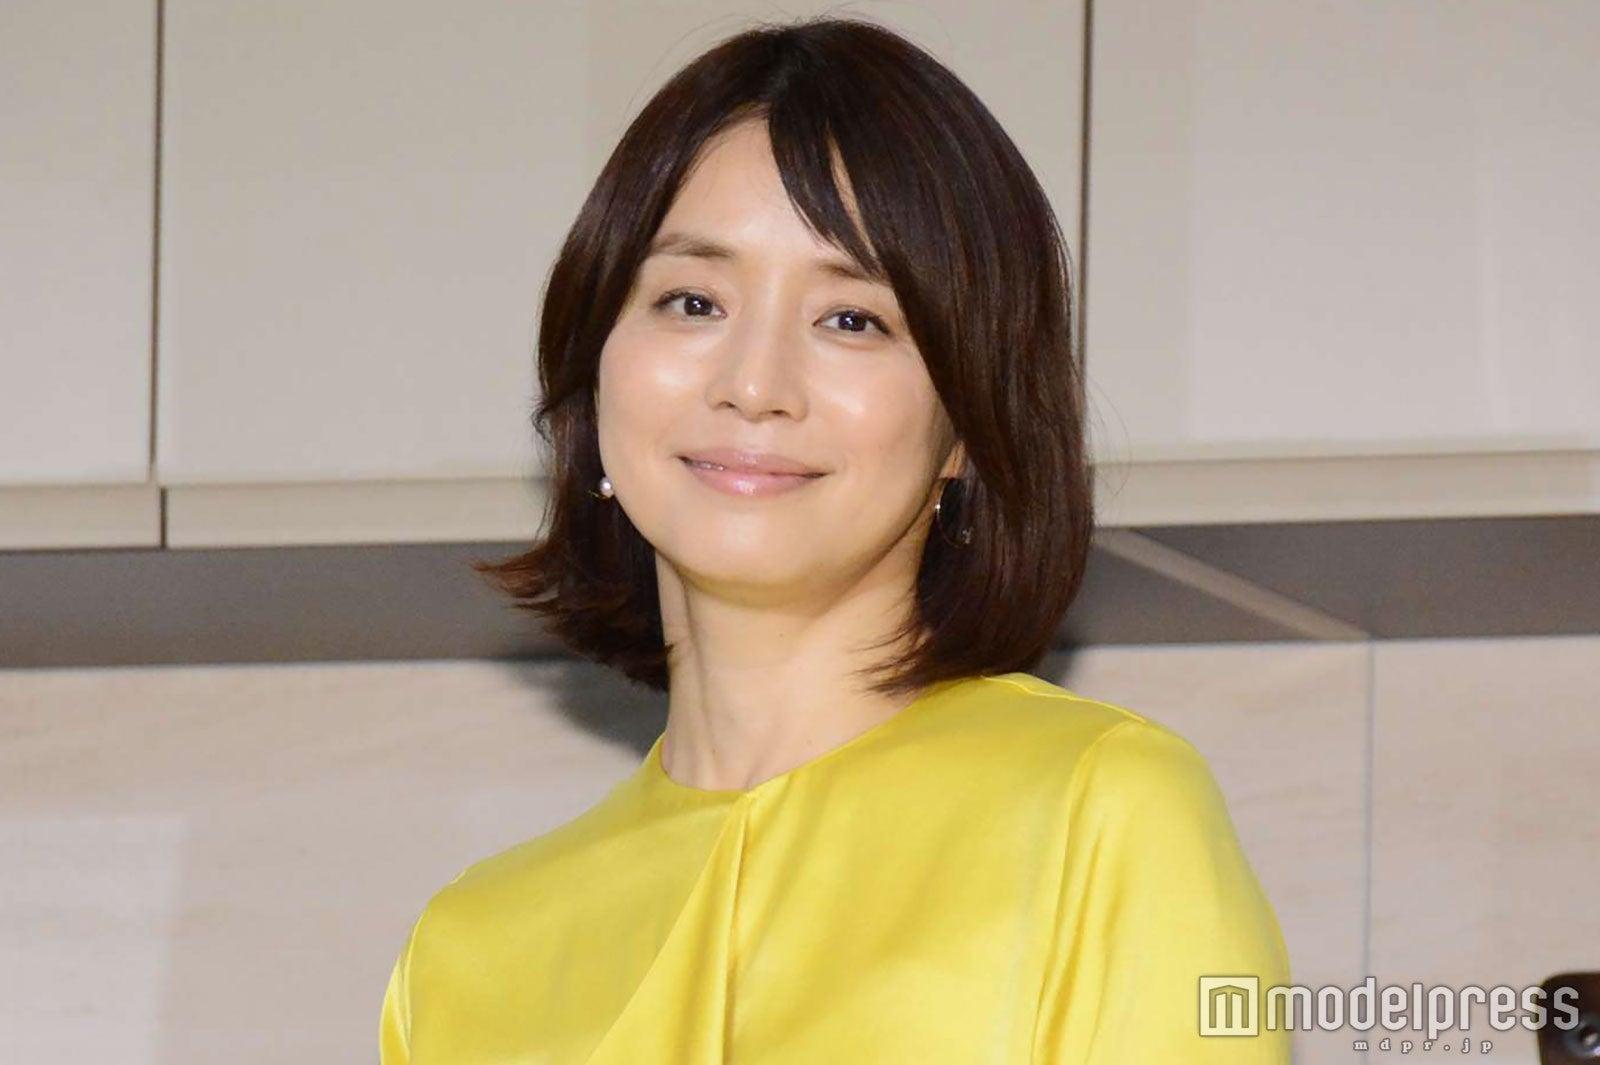 石田ゆり子、過去の写真に「変わらない」「今も昔も美しい」と